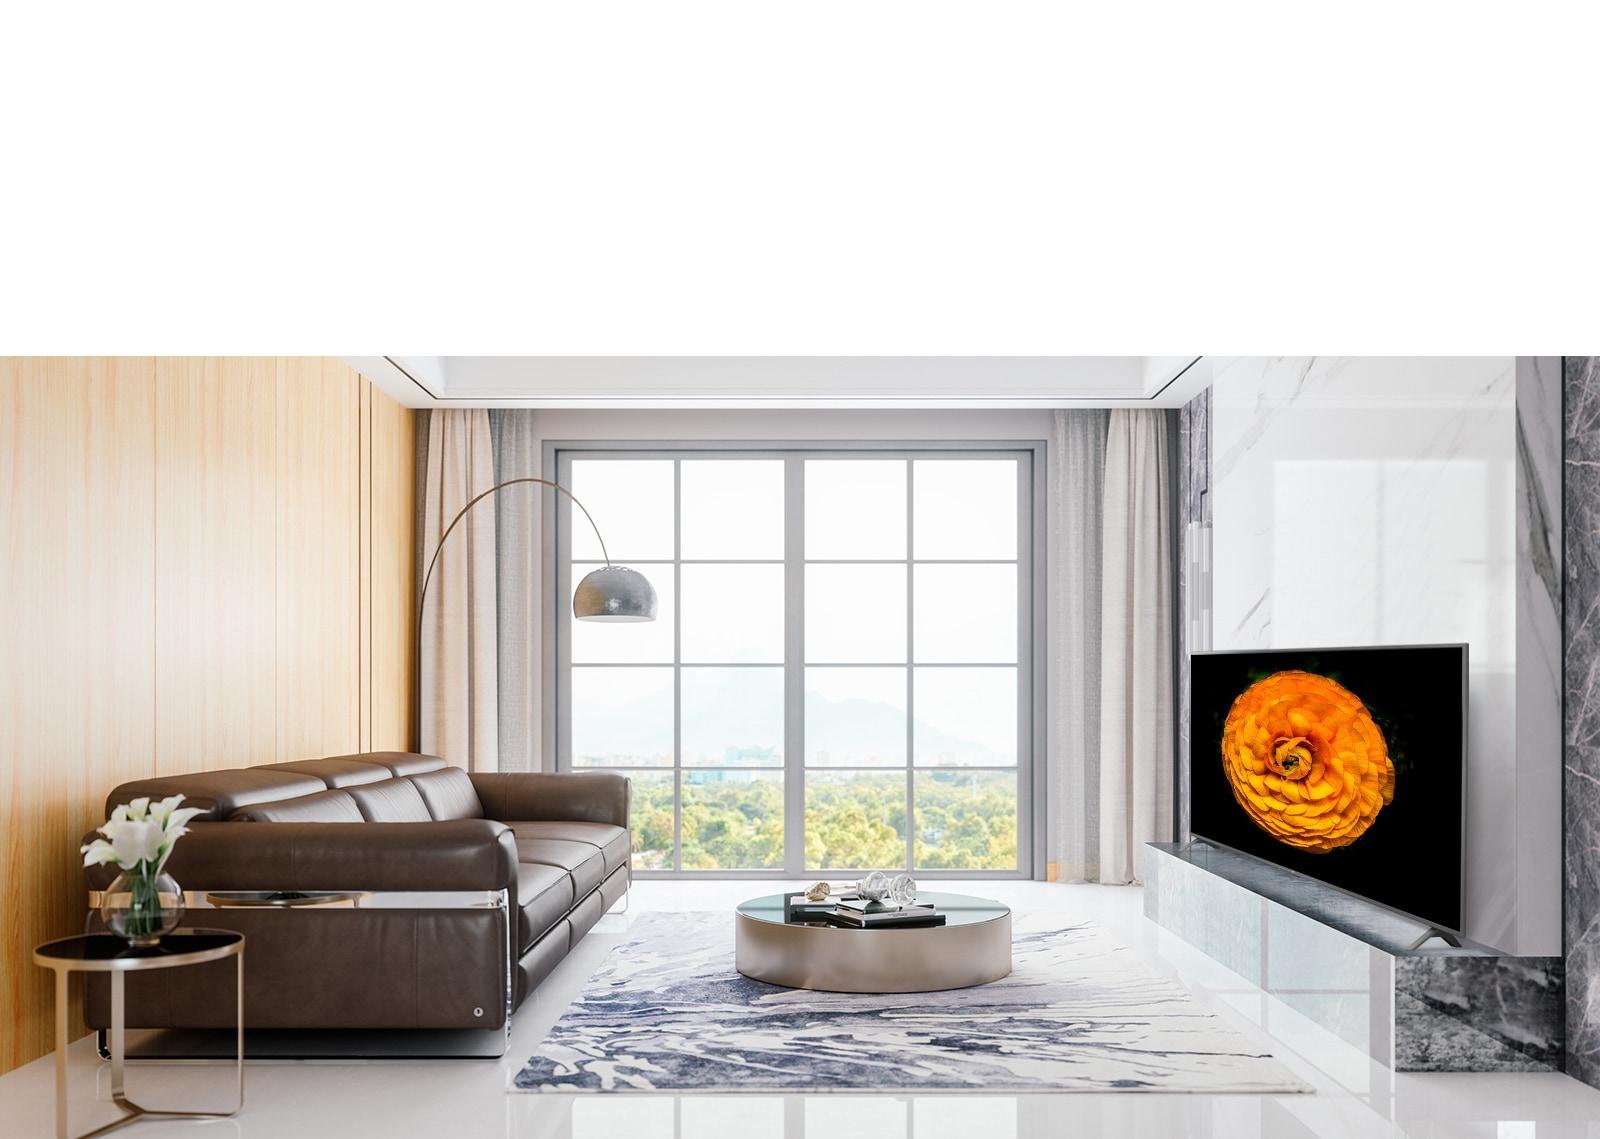 Téléviseur LG UHD, situé sur le mur dans un salon avec un intérieur minimal. L'image d'une fleur est affichée sur l'écran du téléviseur.